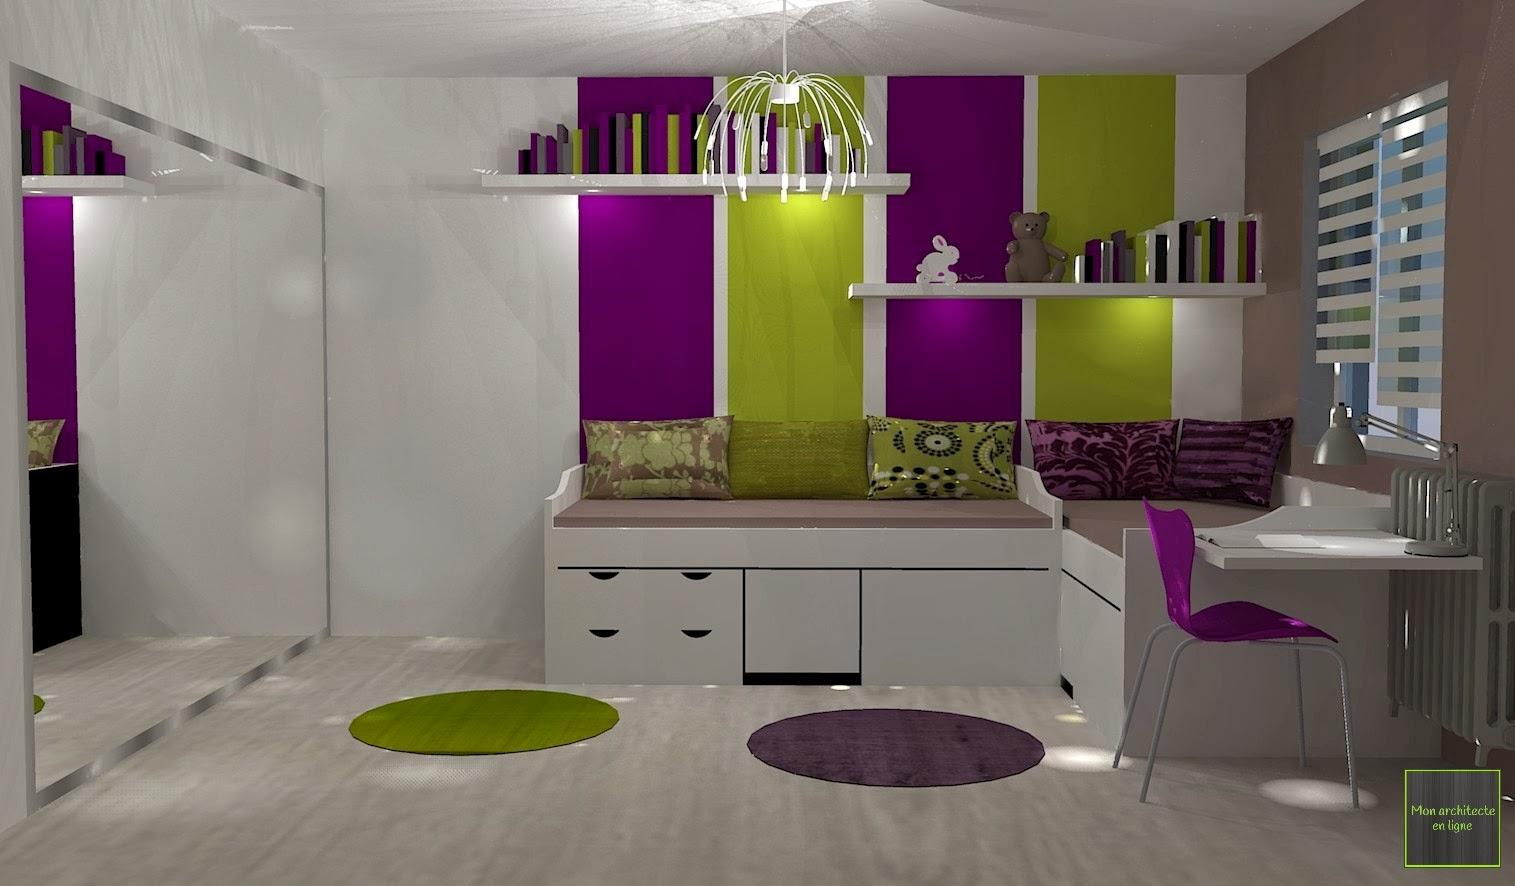 Pour Chambre Mixte : pour l la chambre – couleur pour chambre mixte ...